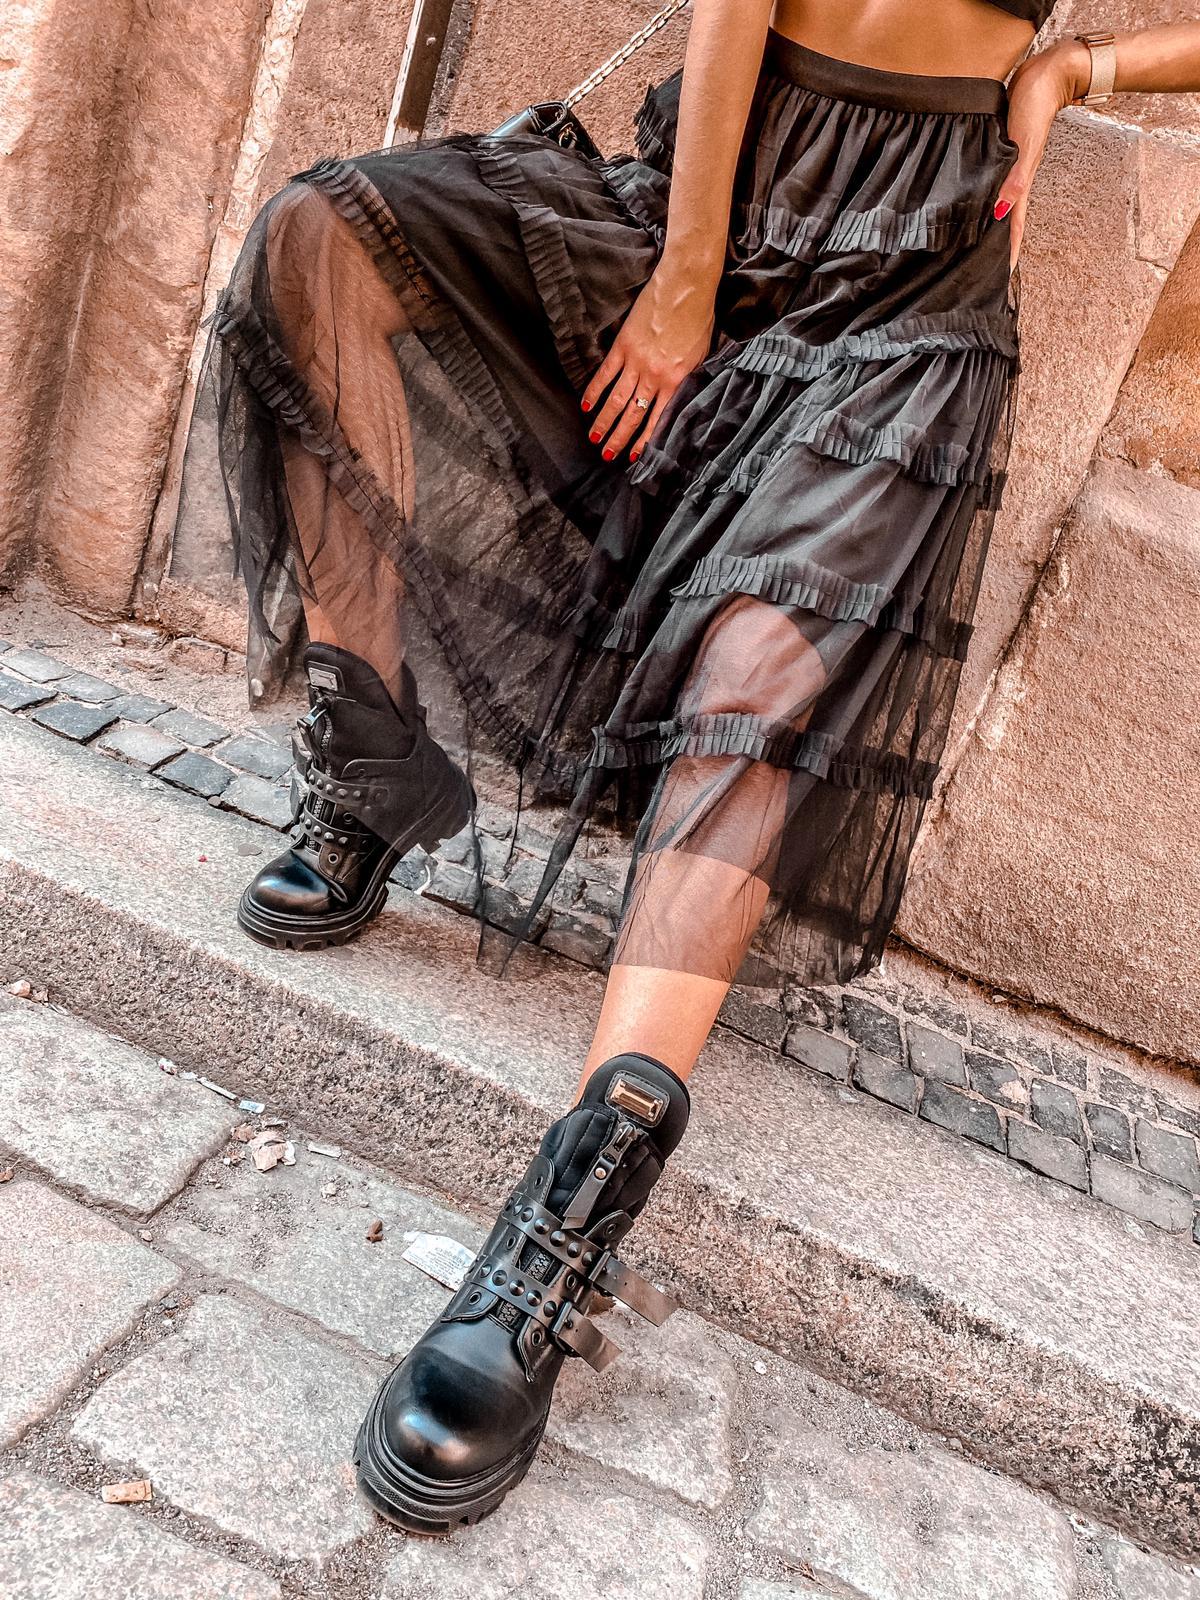 SPÓDNICA TIULOWA MIDI BLACK - Zdjęcie